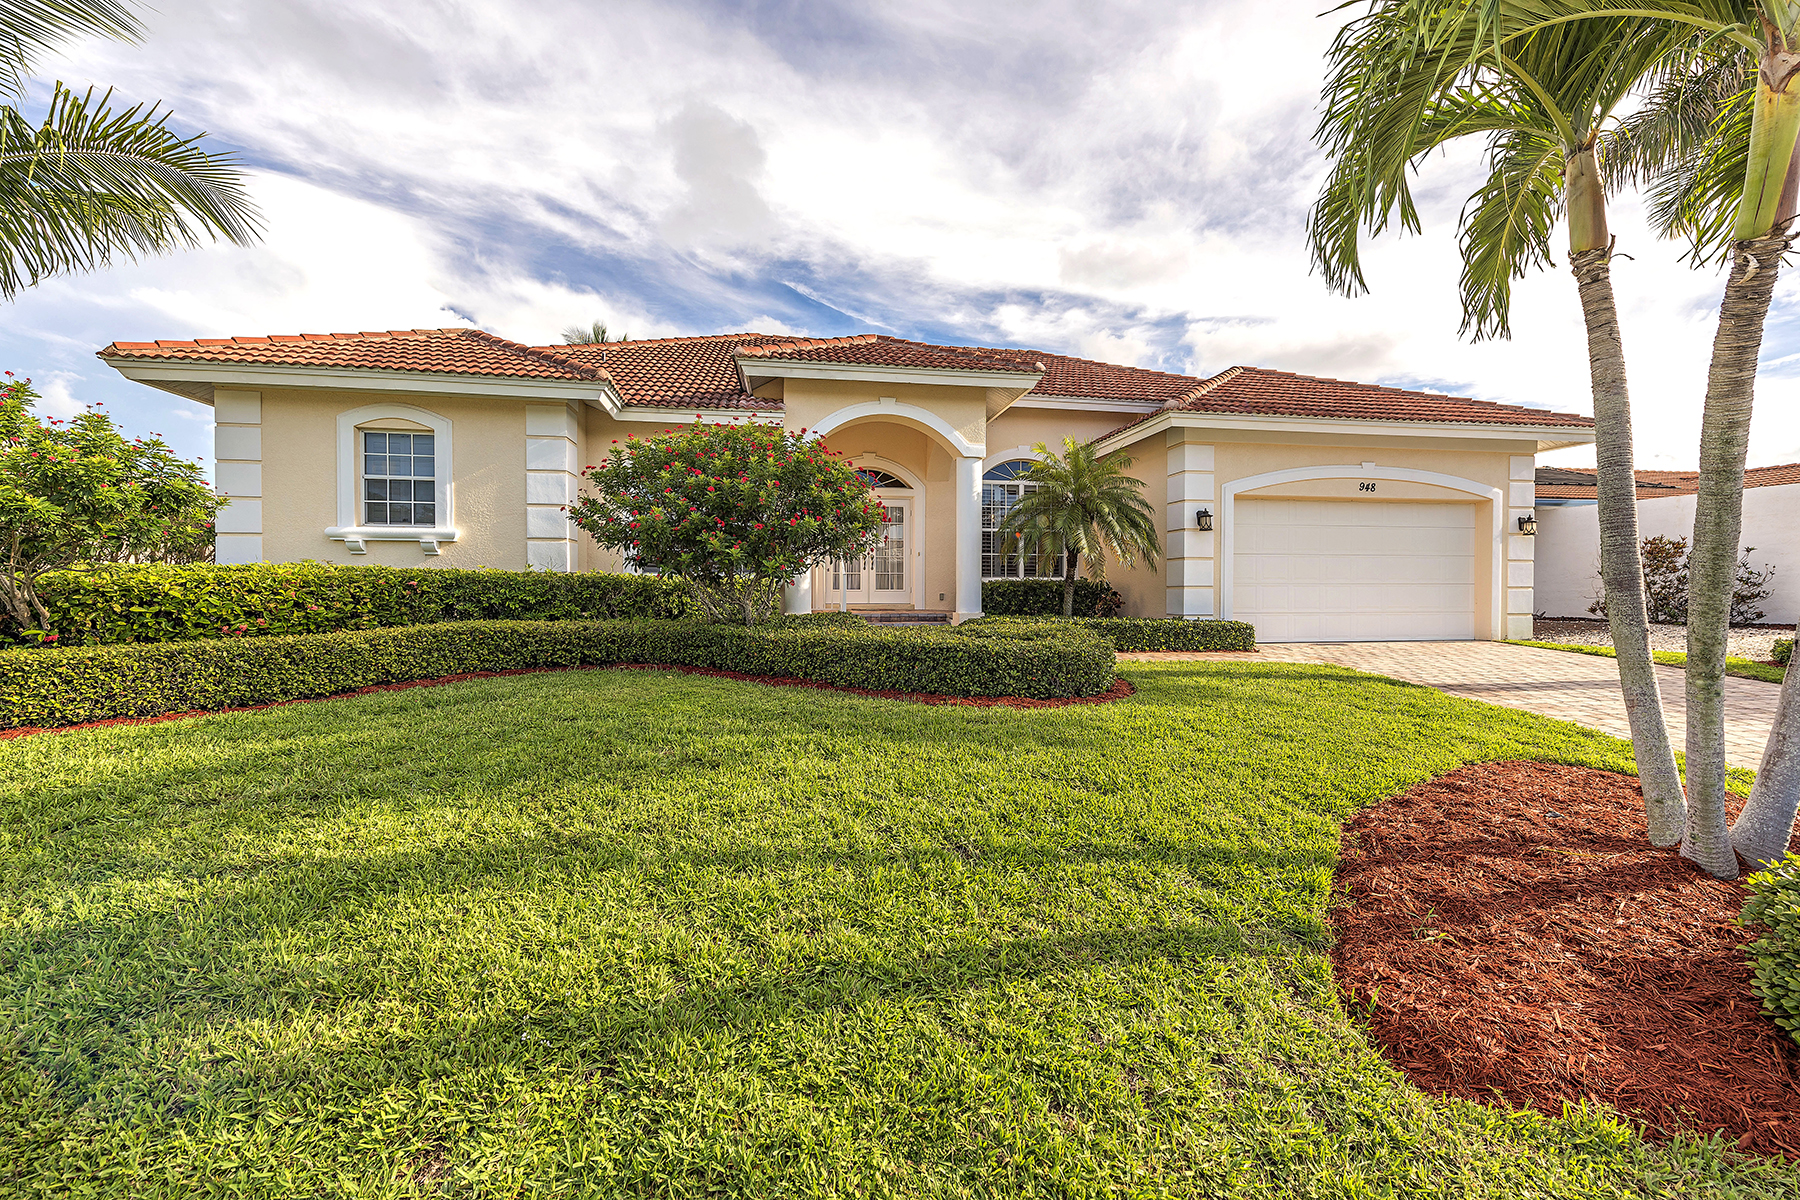 Villa per Vendita alle ore MARCO ISLAND - SPRUCE AVENUE 948 Spruce Ave Marco Island, Florida 34145 Stati Uniti